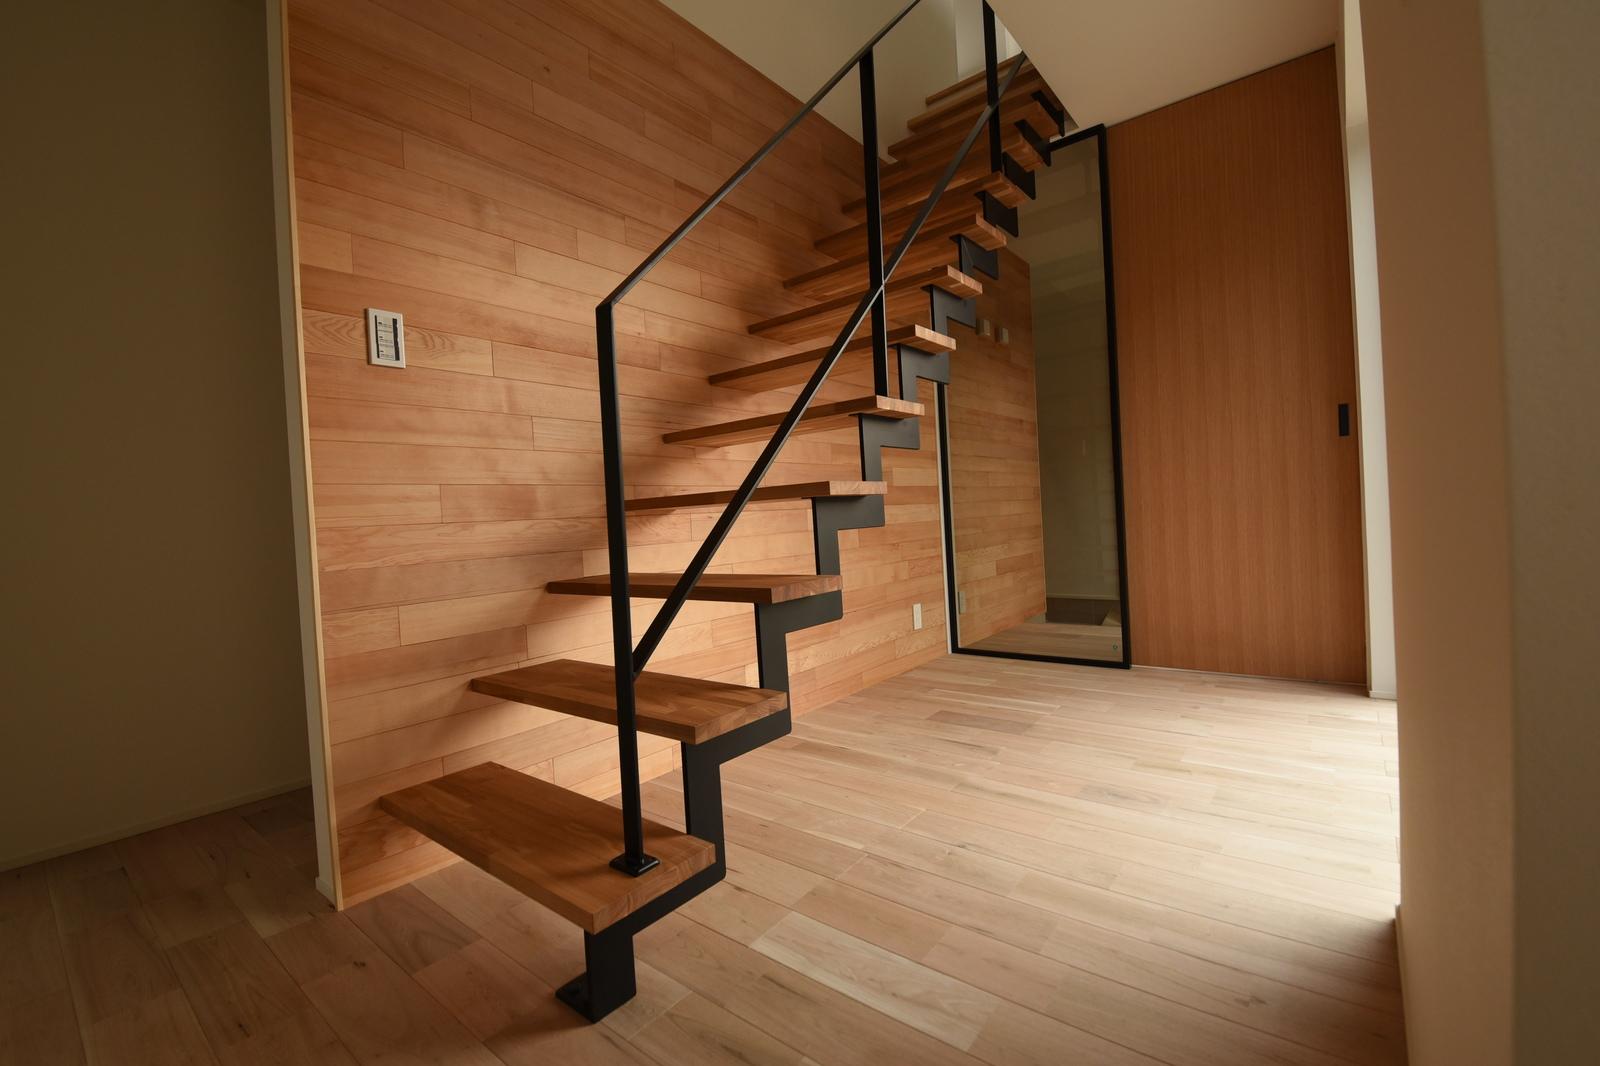 スチール階段 2段のみ 片ささら 2段のみ お見積り専用お客様ページになります スチール階段。, Japan Net Golf:310737a5 --- sunward.msk.ru